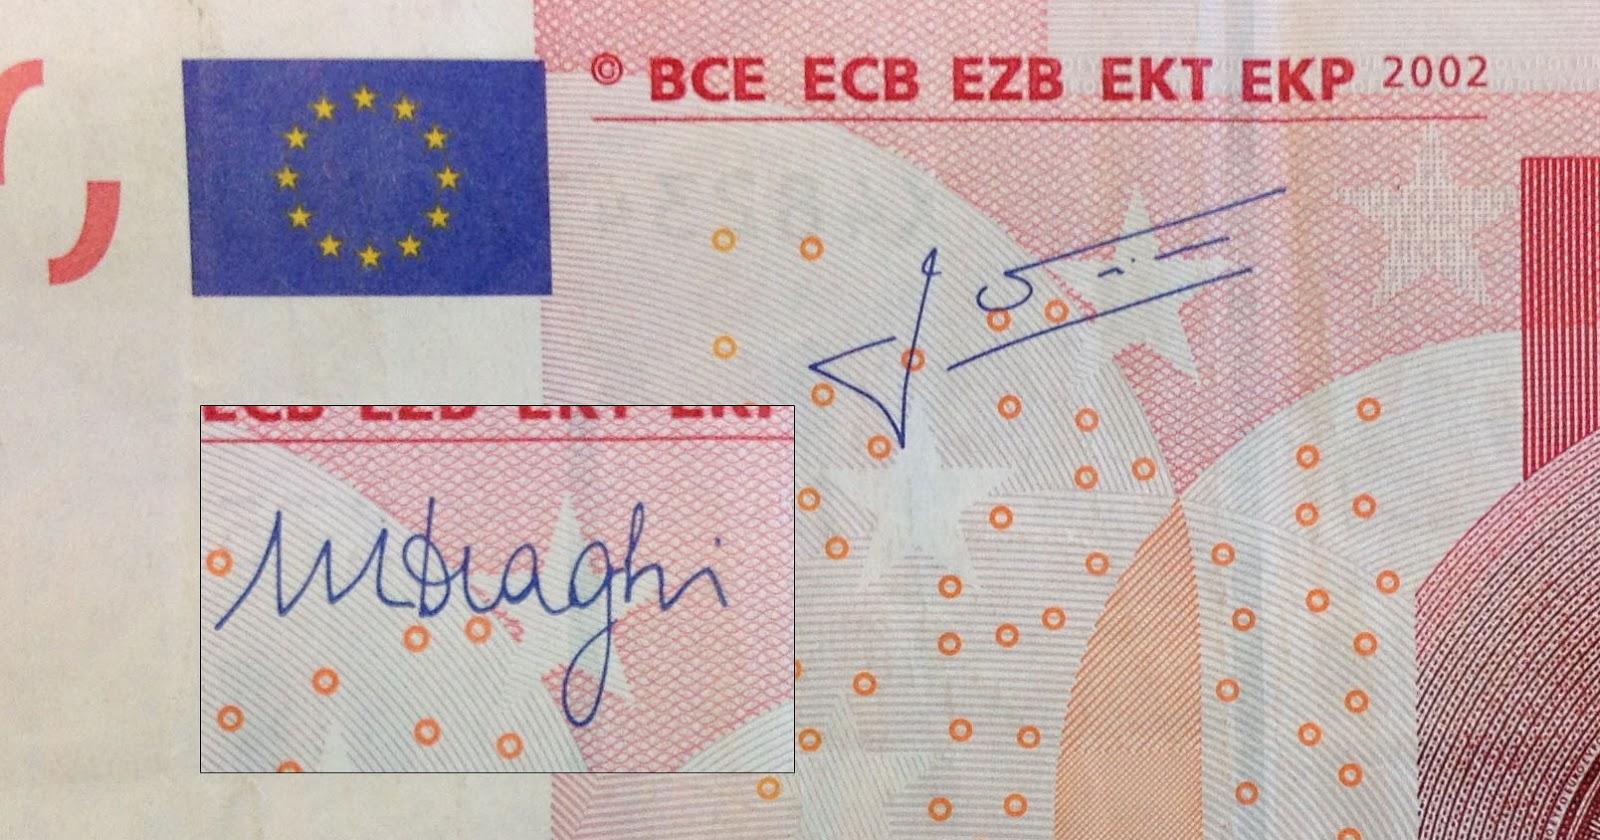 Binre optionen 5 euro schein